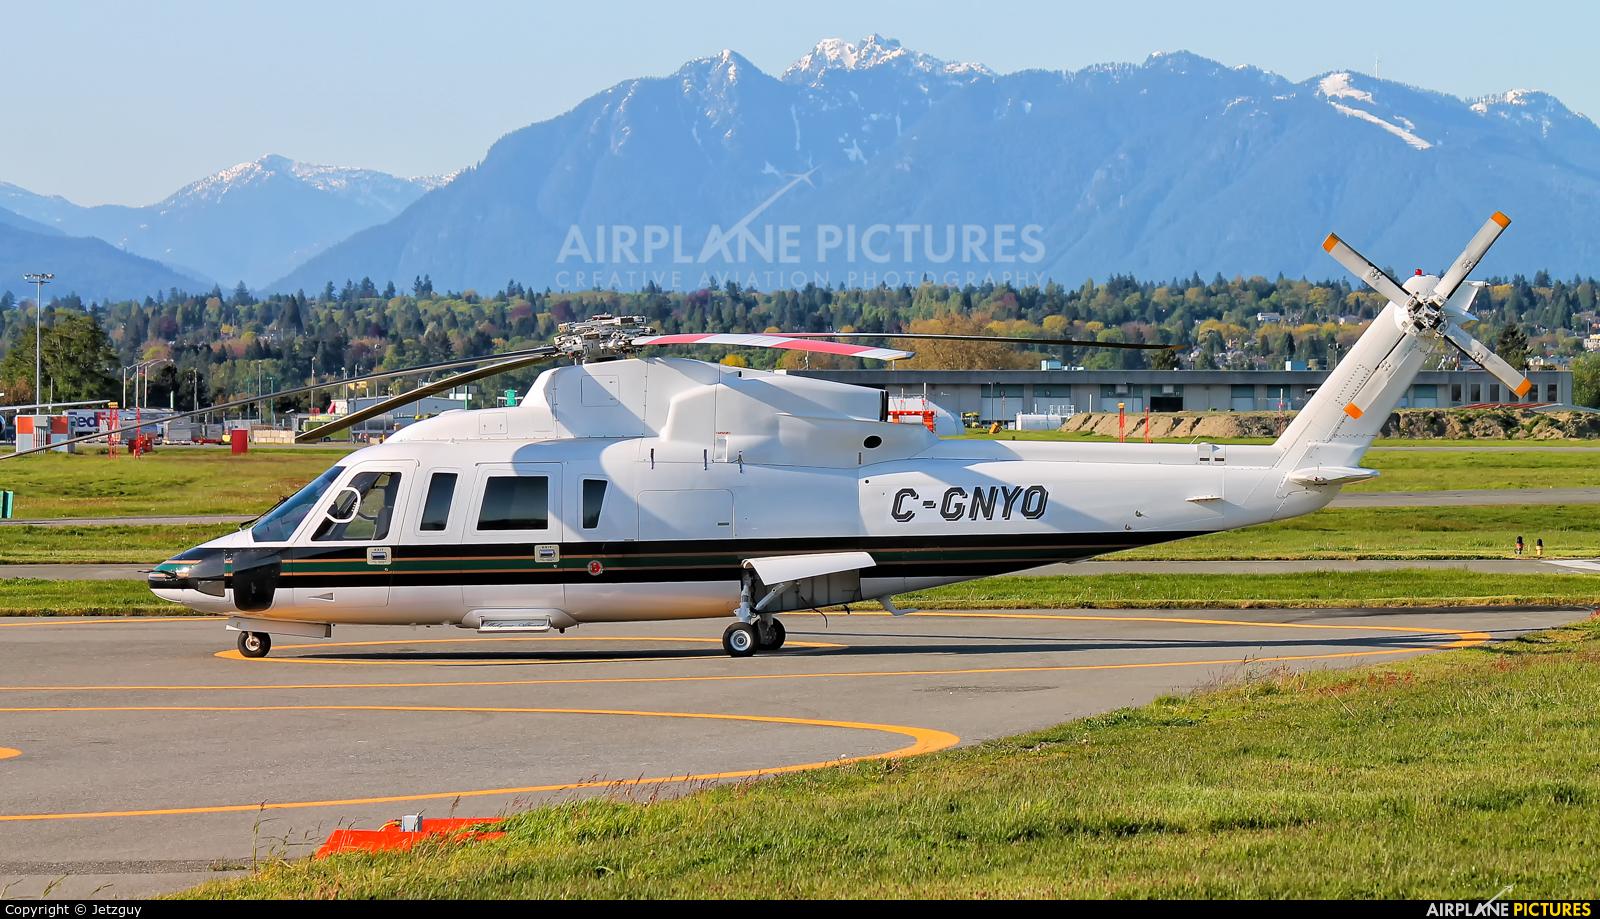 Helijet C-GNYO aircraft at Vancouver Intl, BC